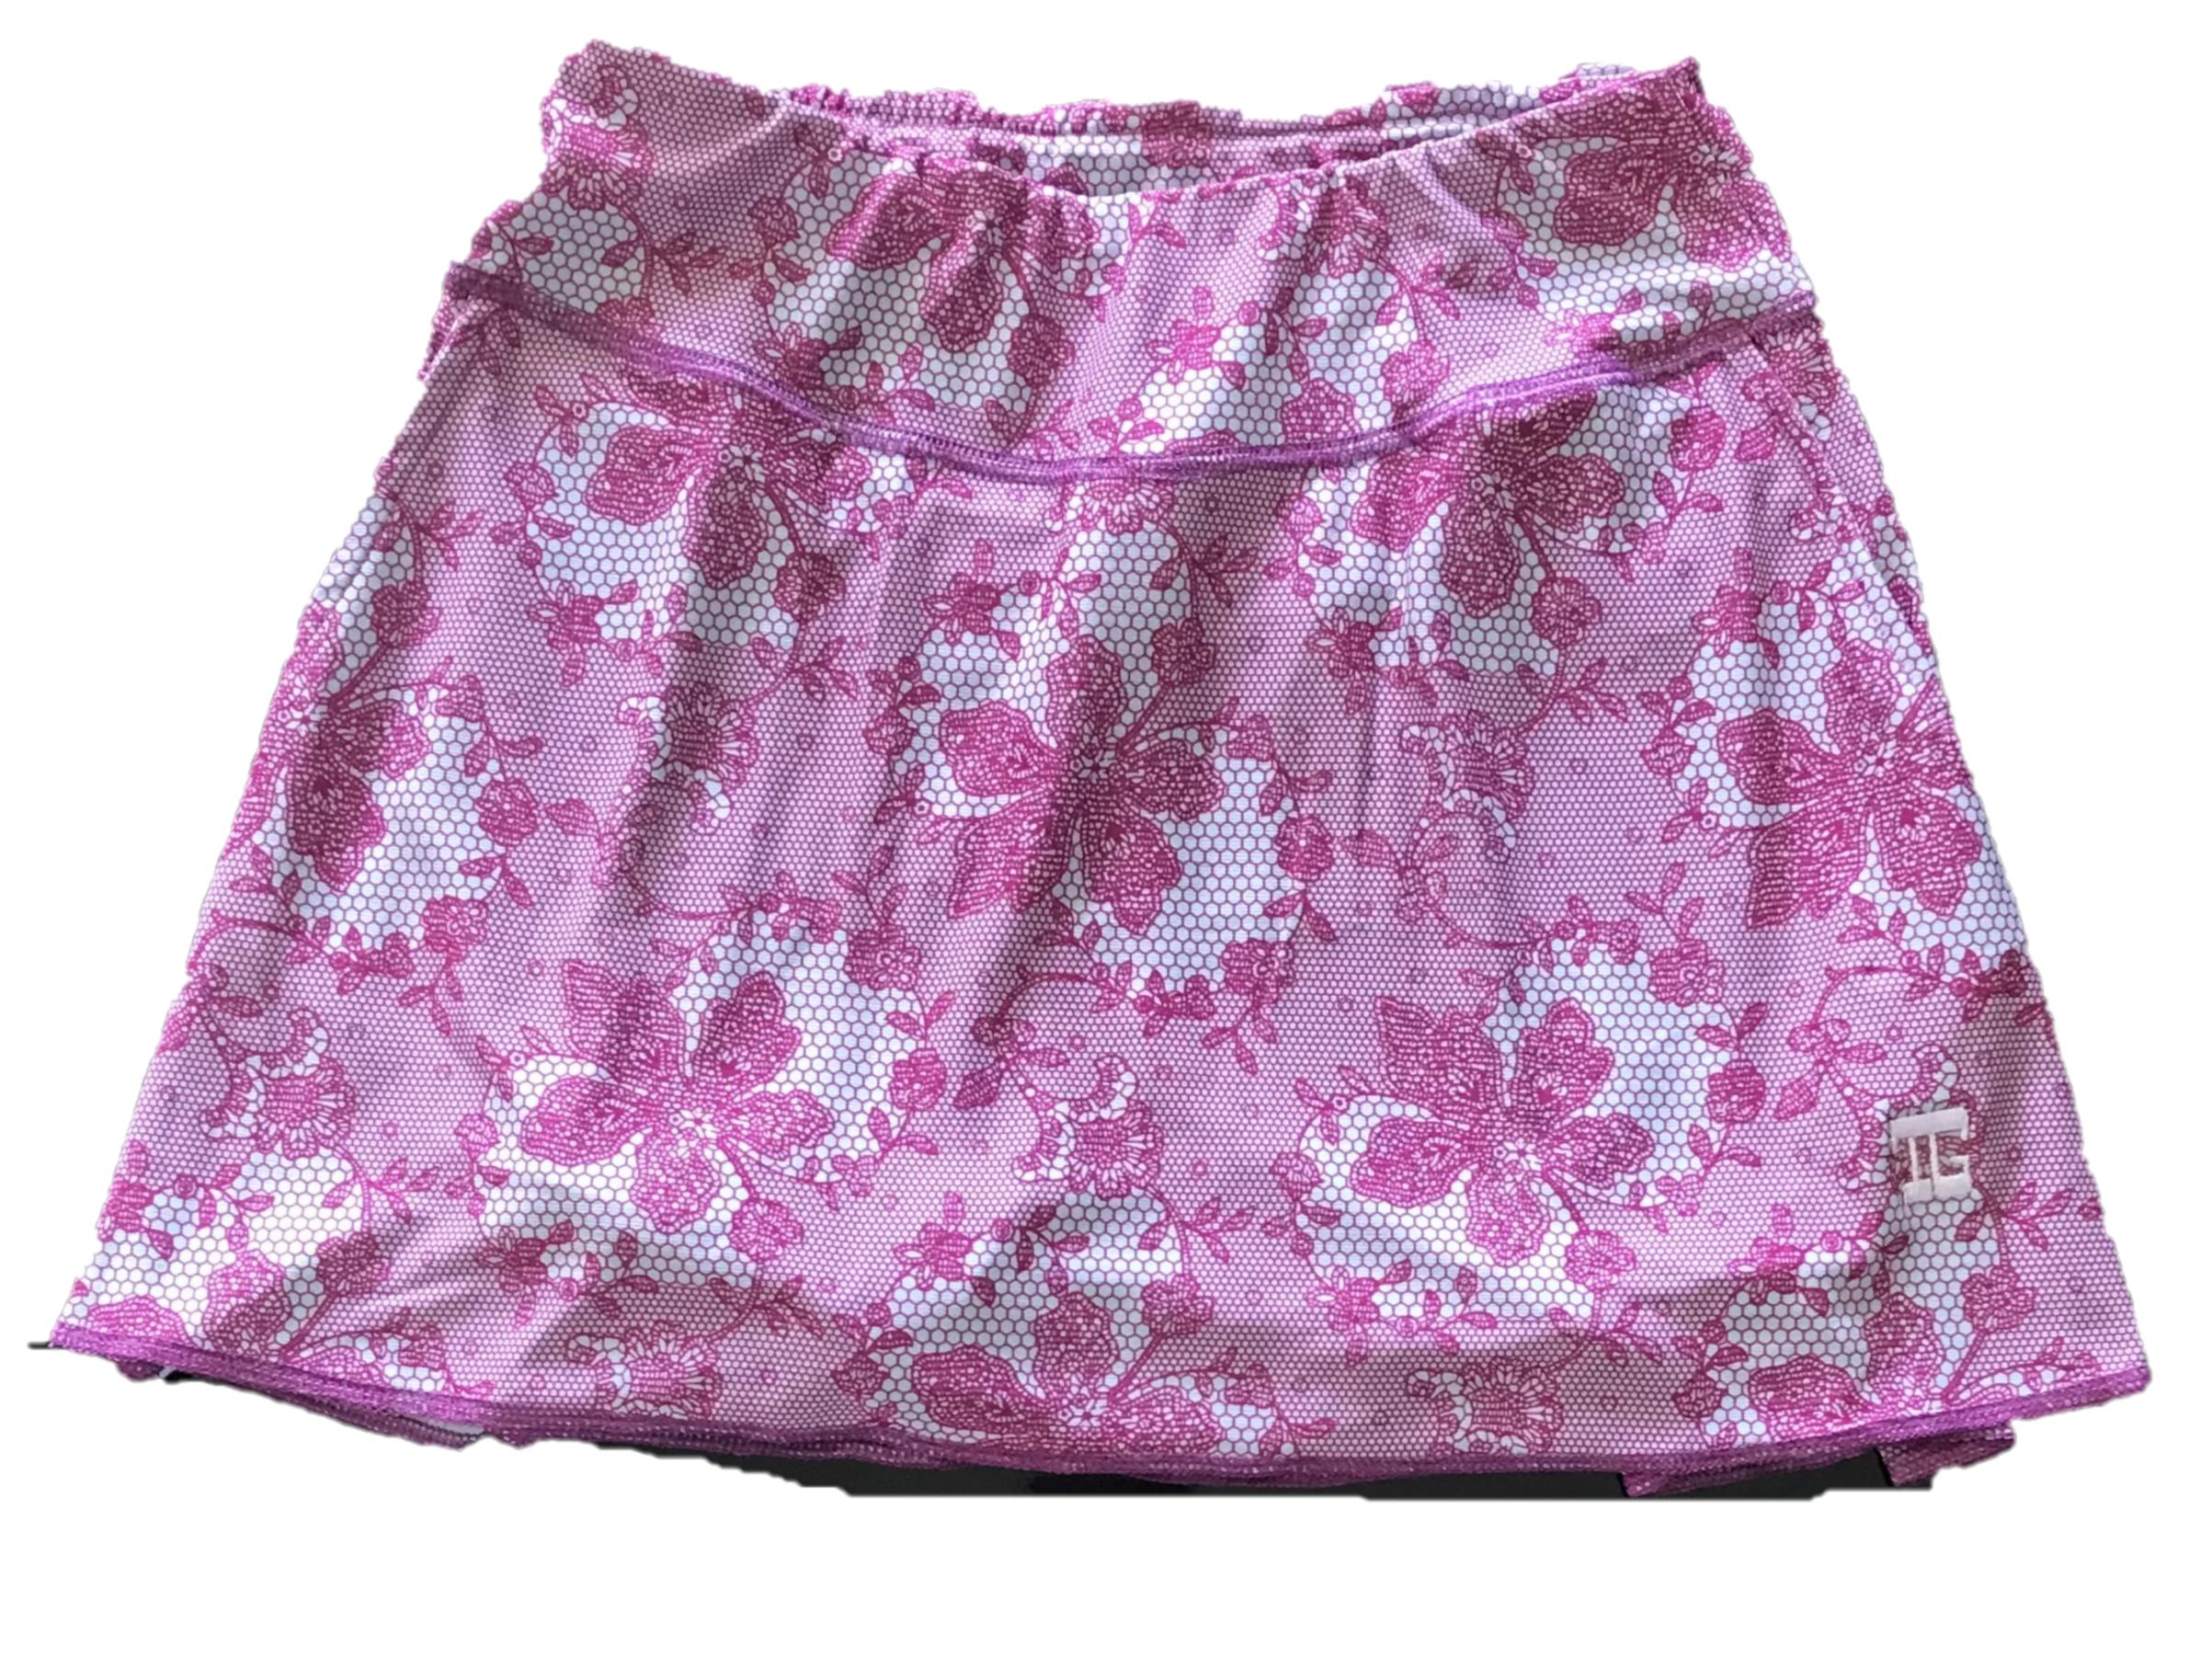 LS-043 || Skirt  White With Purple  Flower Pattern 2 Rear Pleats